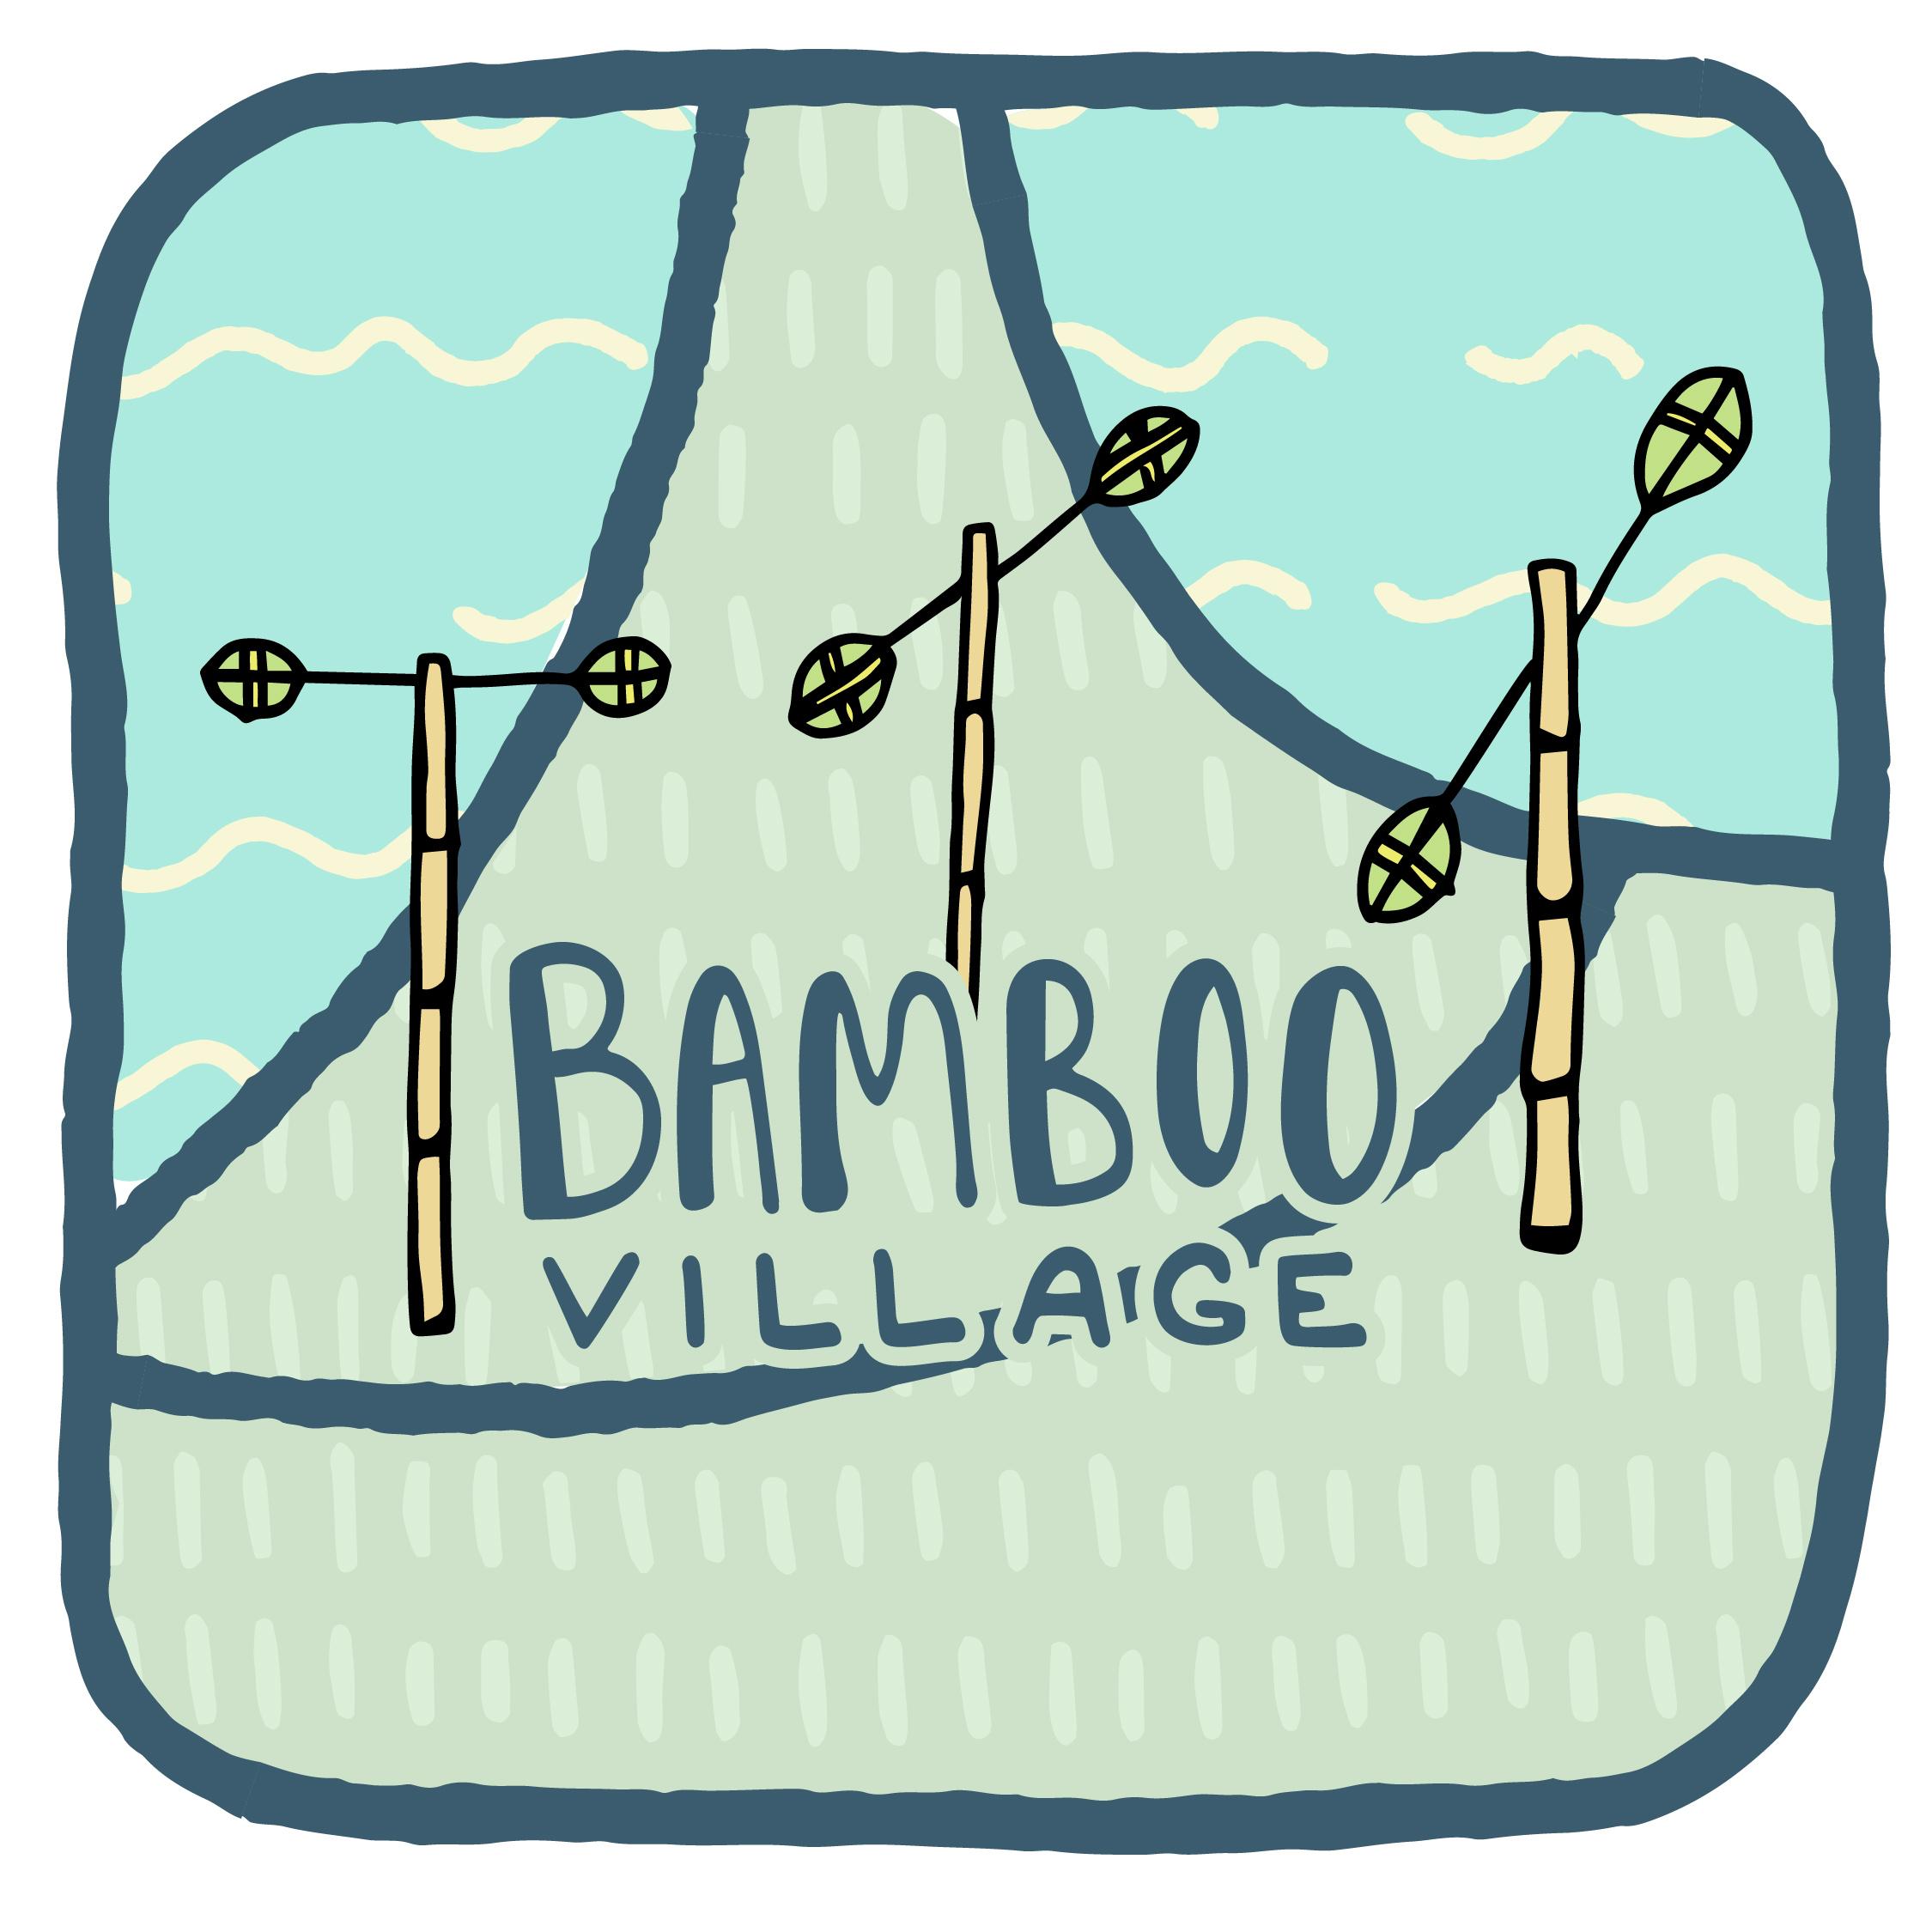 Outfound-IG-BambooVillage-01.jpg